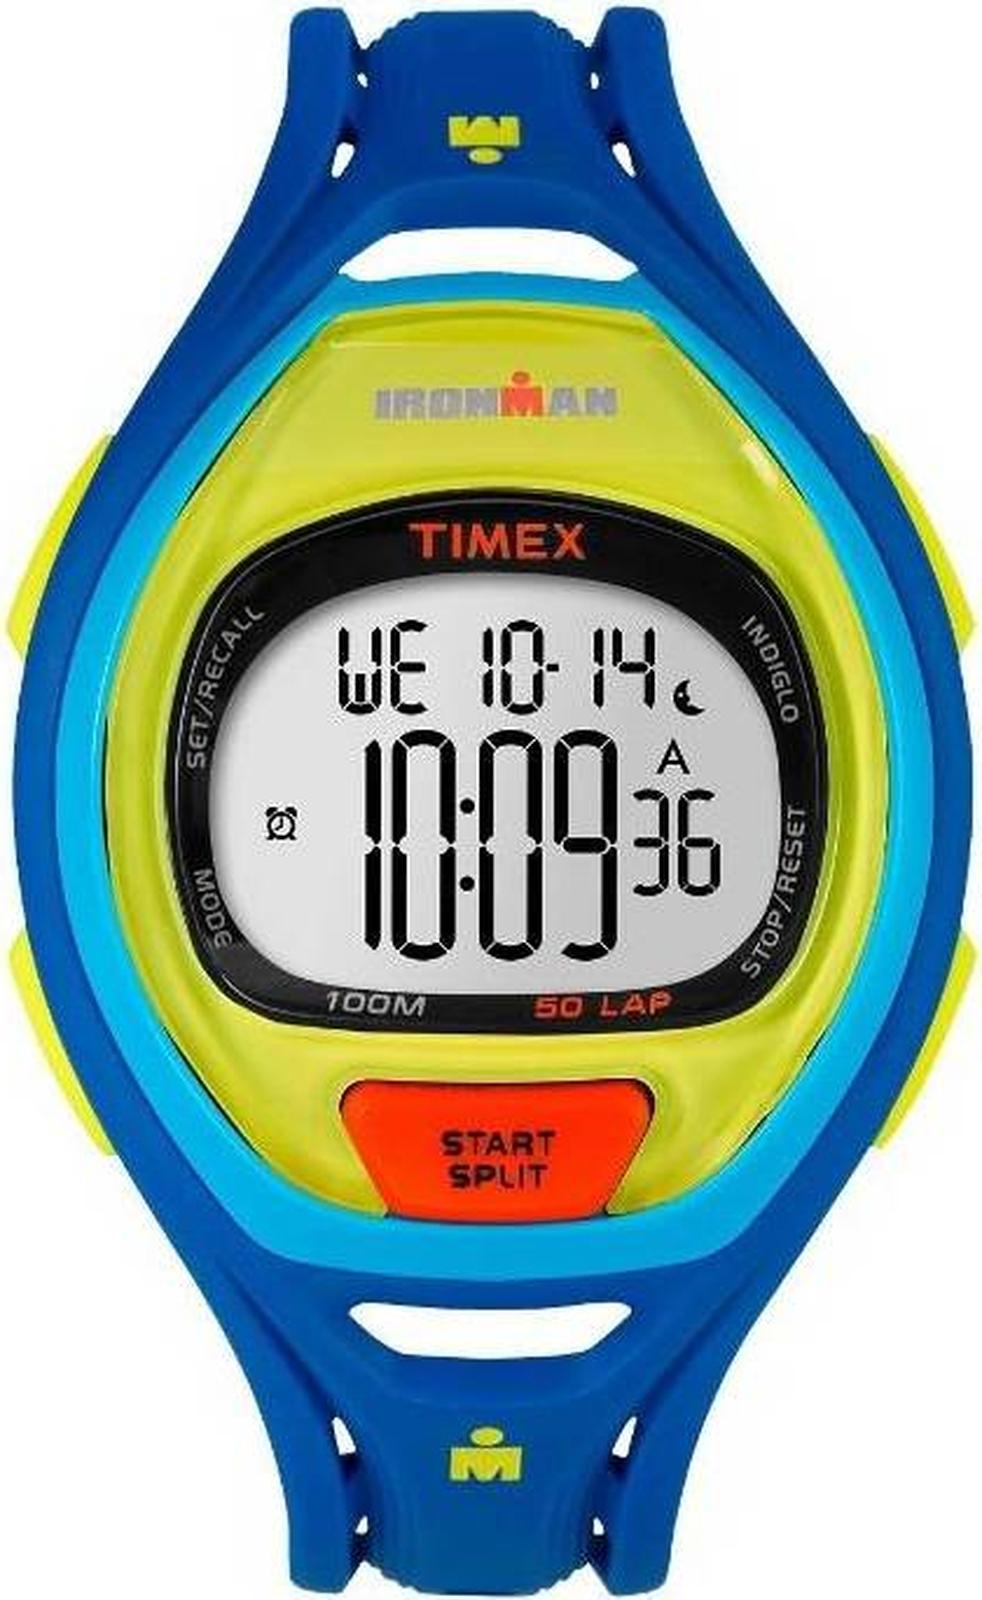 Наручные часы Timex мужские синий часы qq мужские каталог электронные